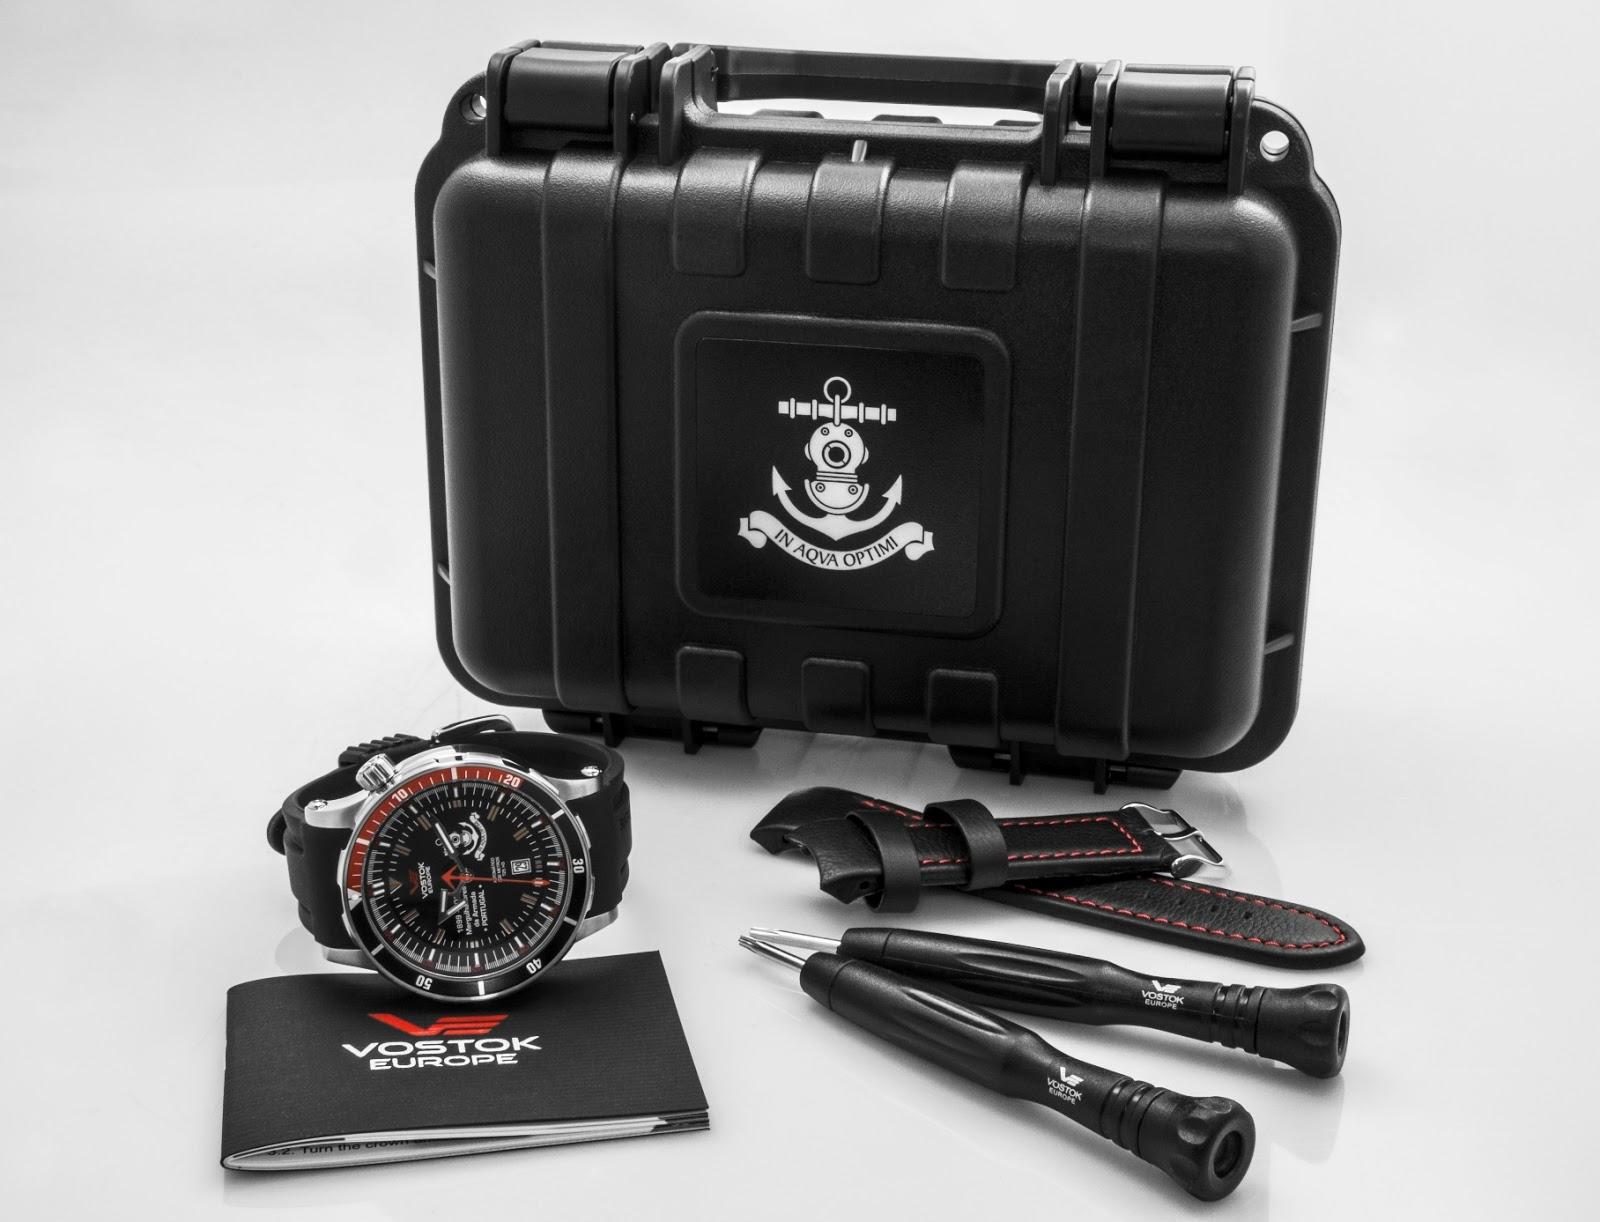 b259d2776de Vostok Europe entrega relógios aos Mergulhadores da Armada Portuguesa